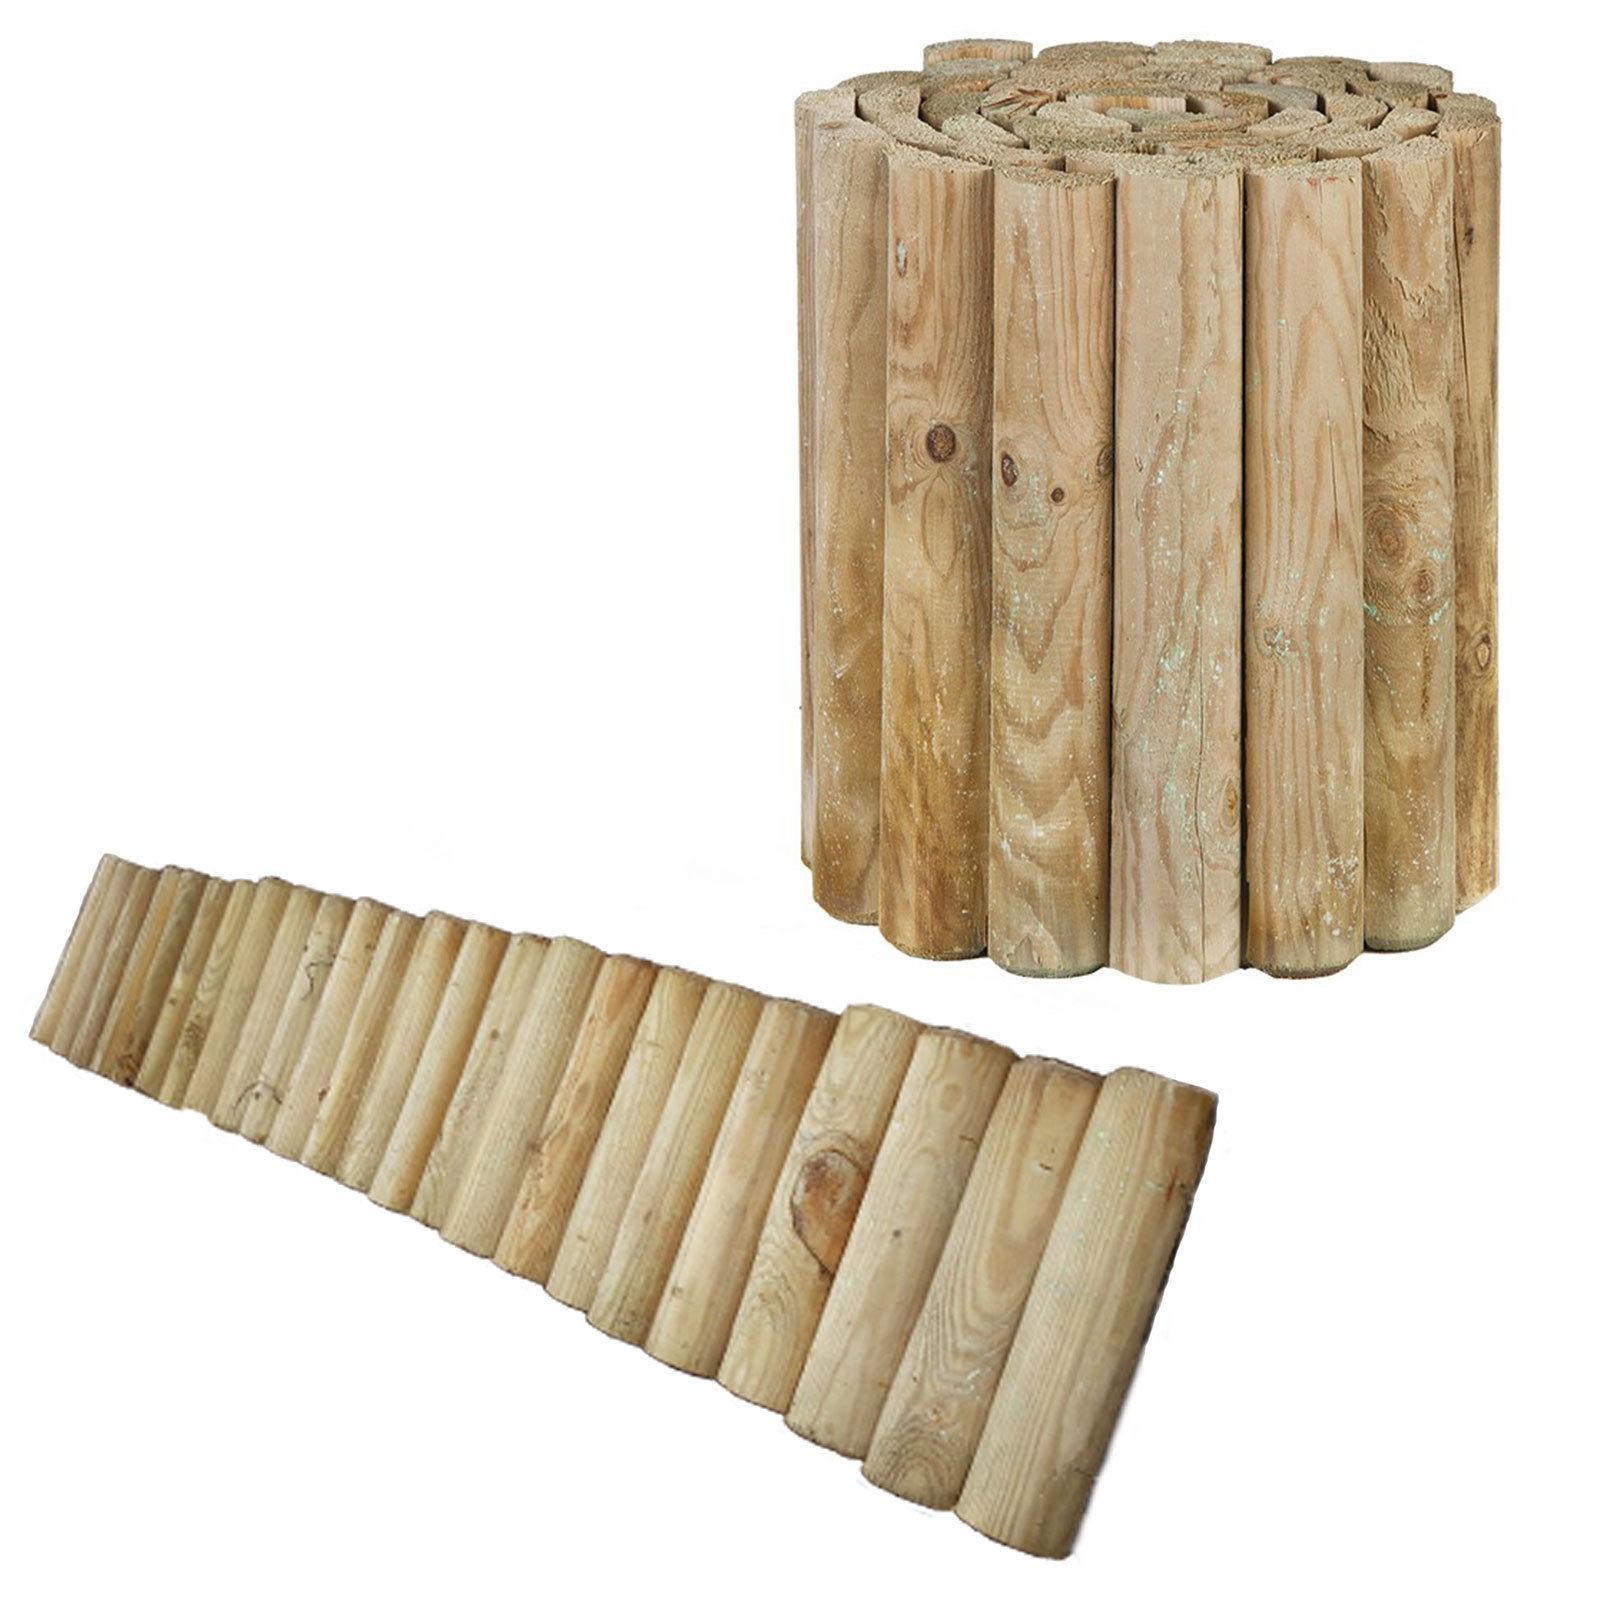 Beetzaun Rollzaun zur Beetumrandung Rasenkante Beeteinfassung Holz